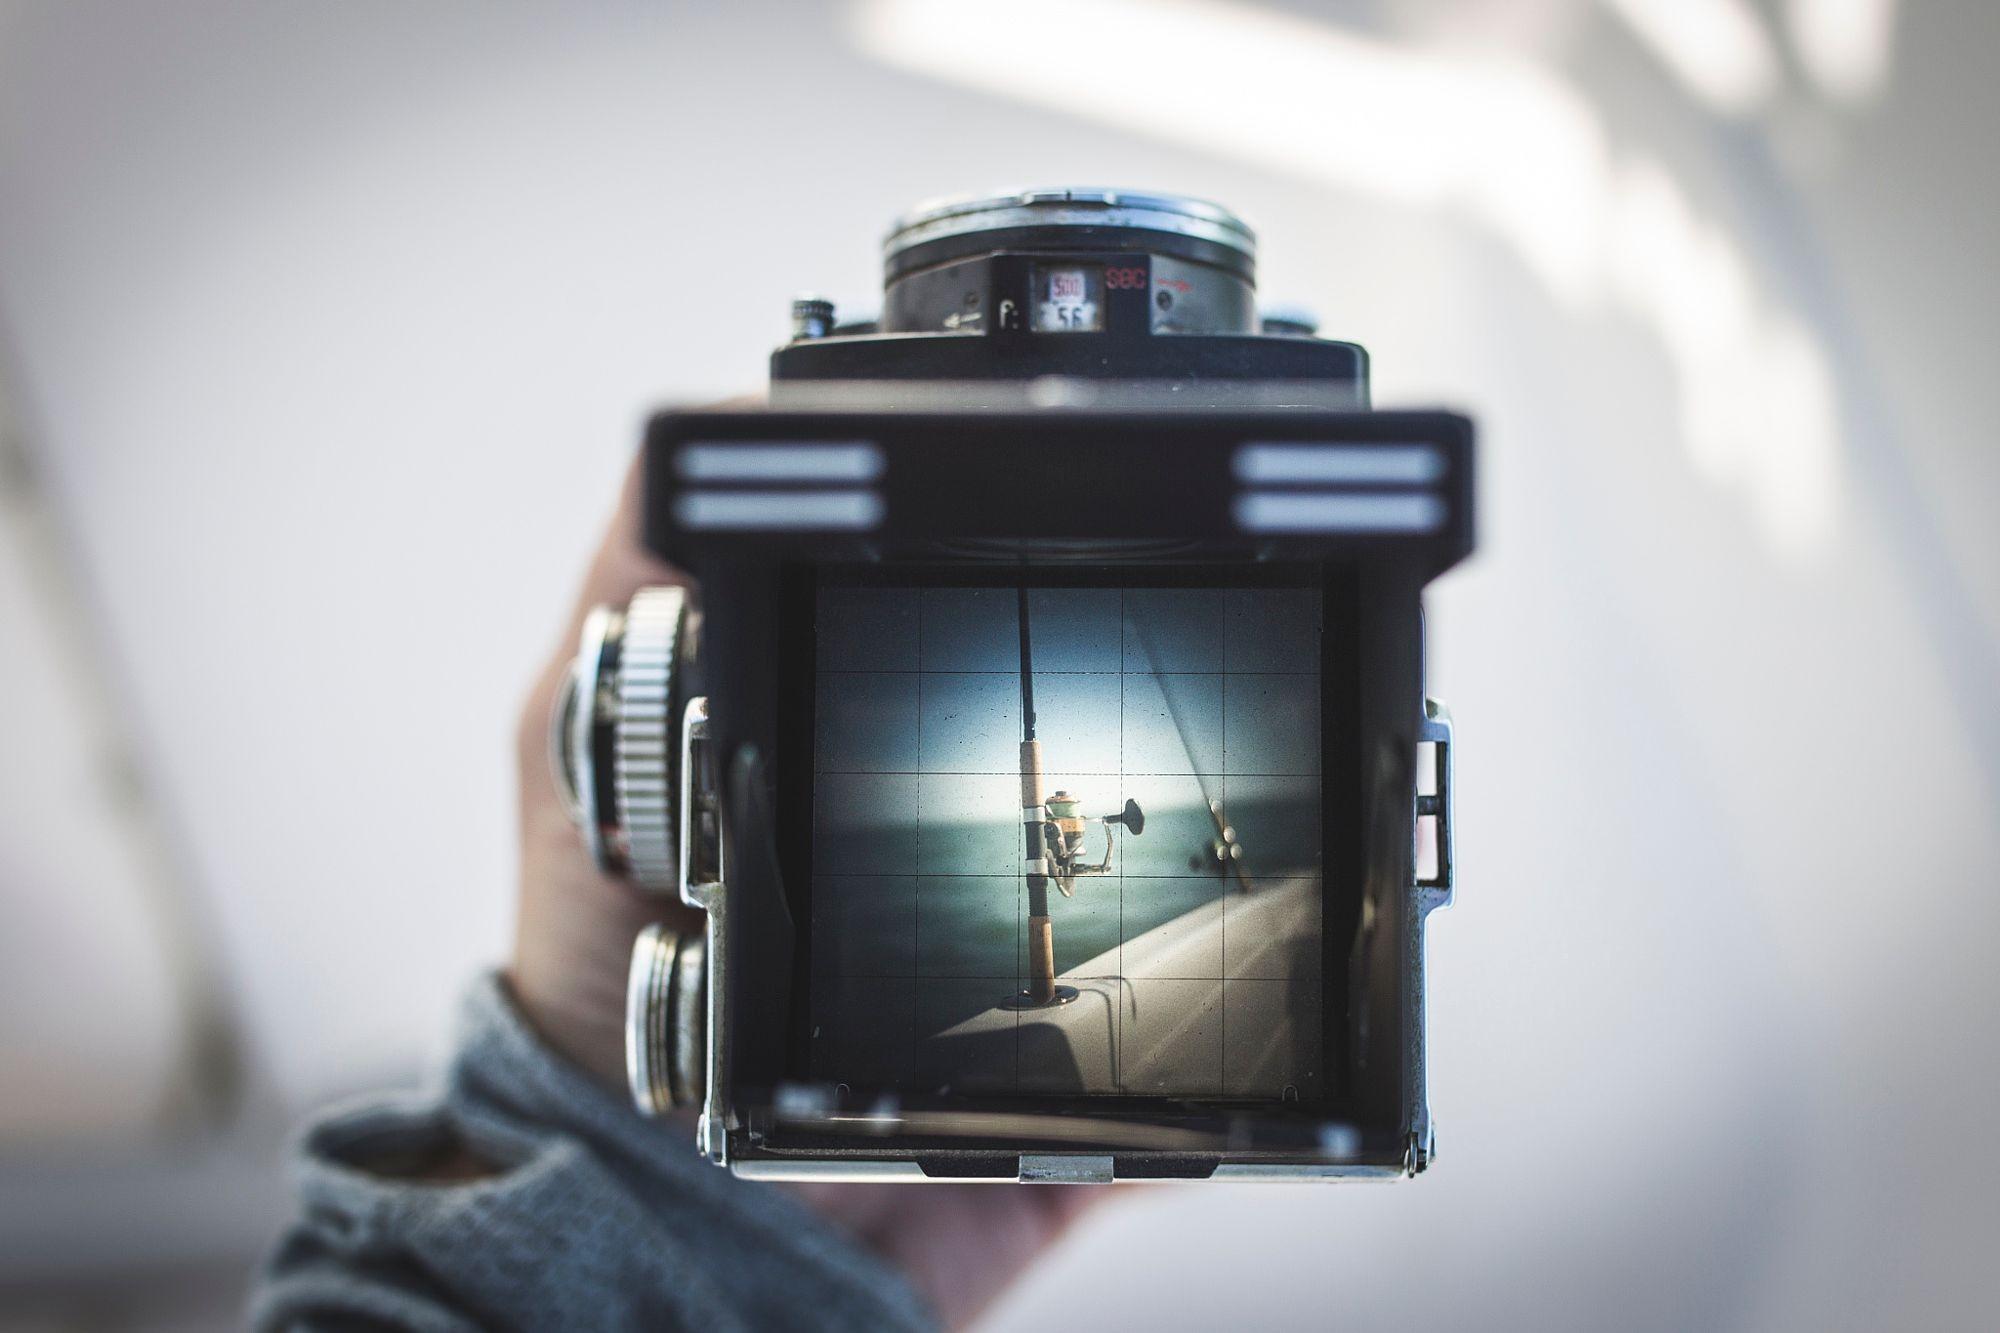 переключение картинок с камерой отправилась соревнования